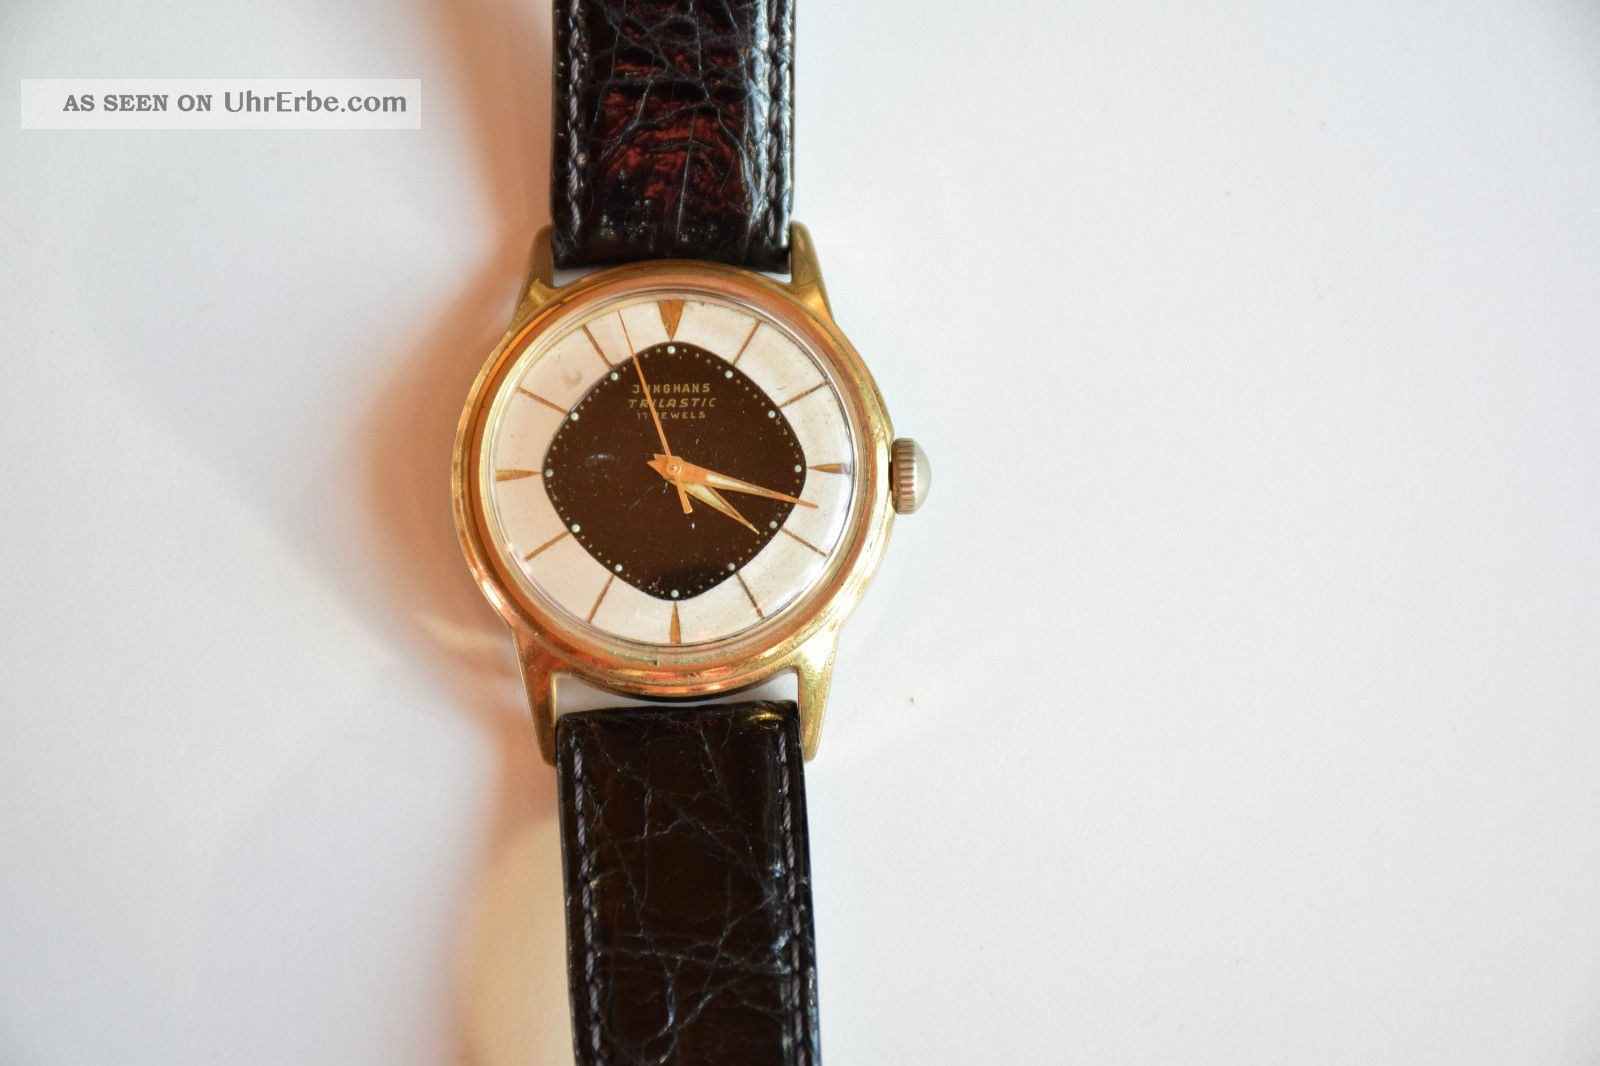 Junghans Trilastic Mechanische Herrenuhr 17 Jewels Armbanduhren Bild